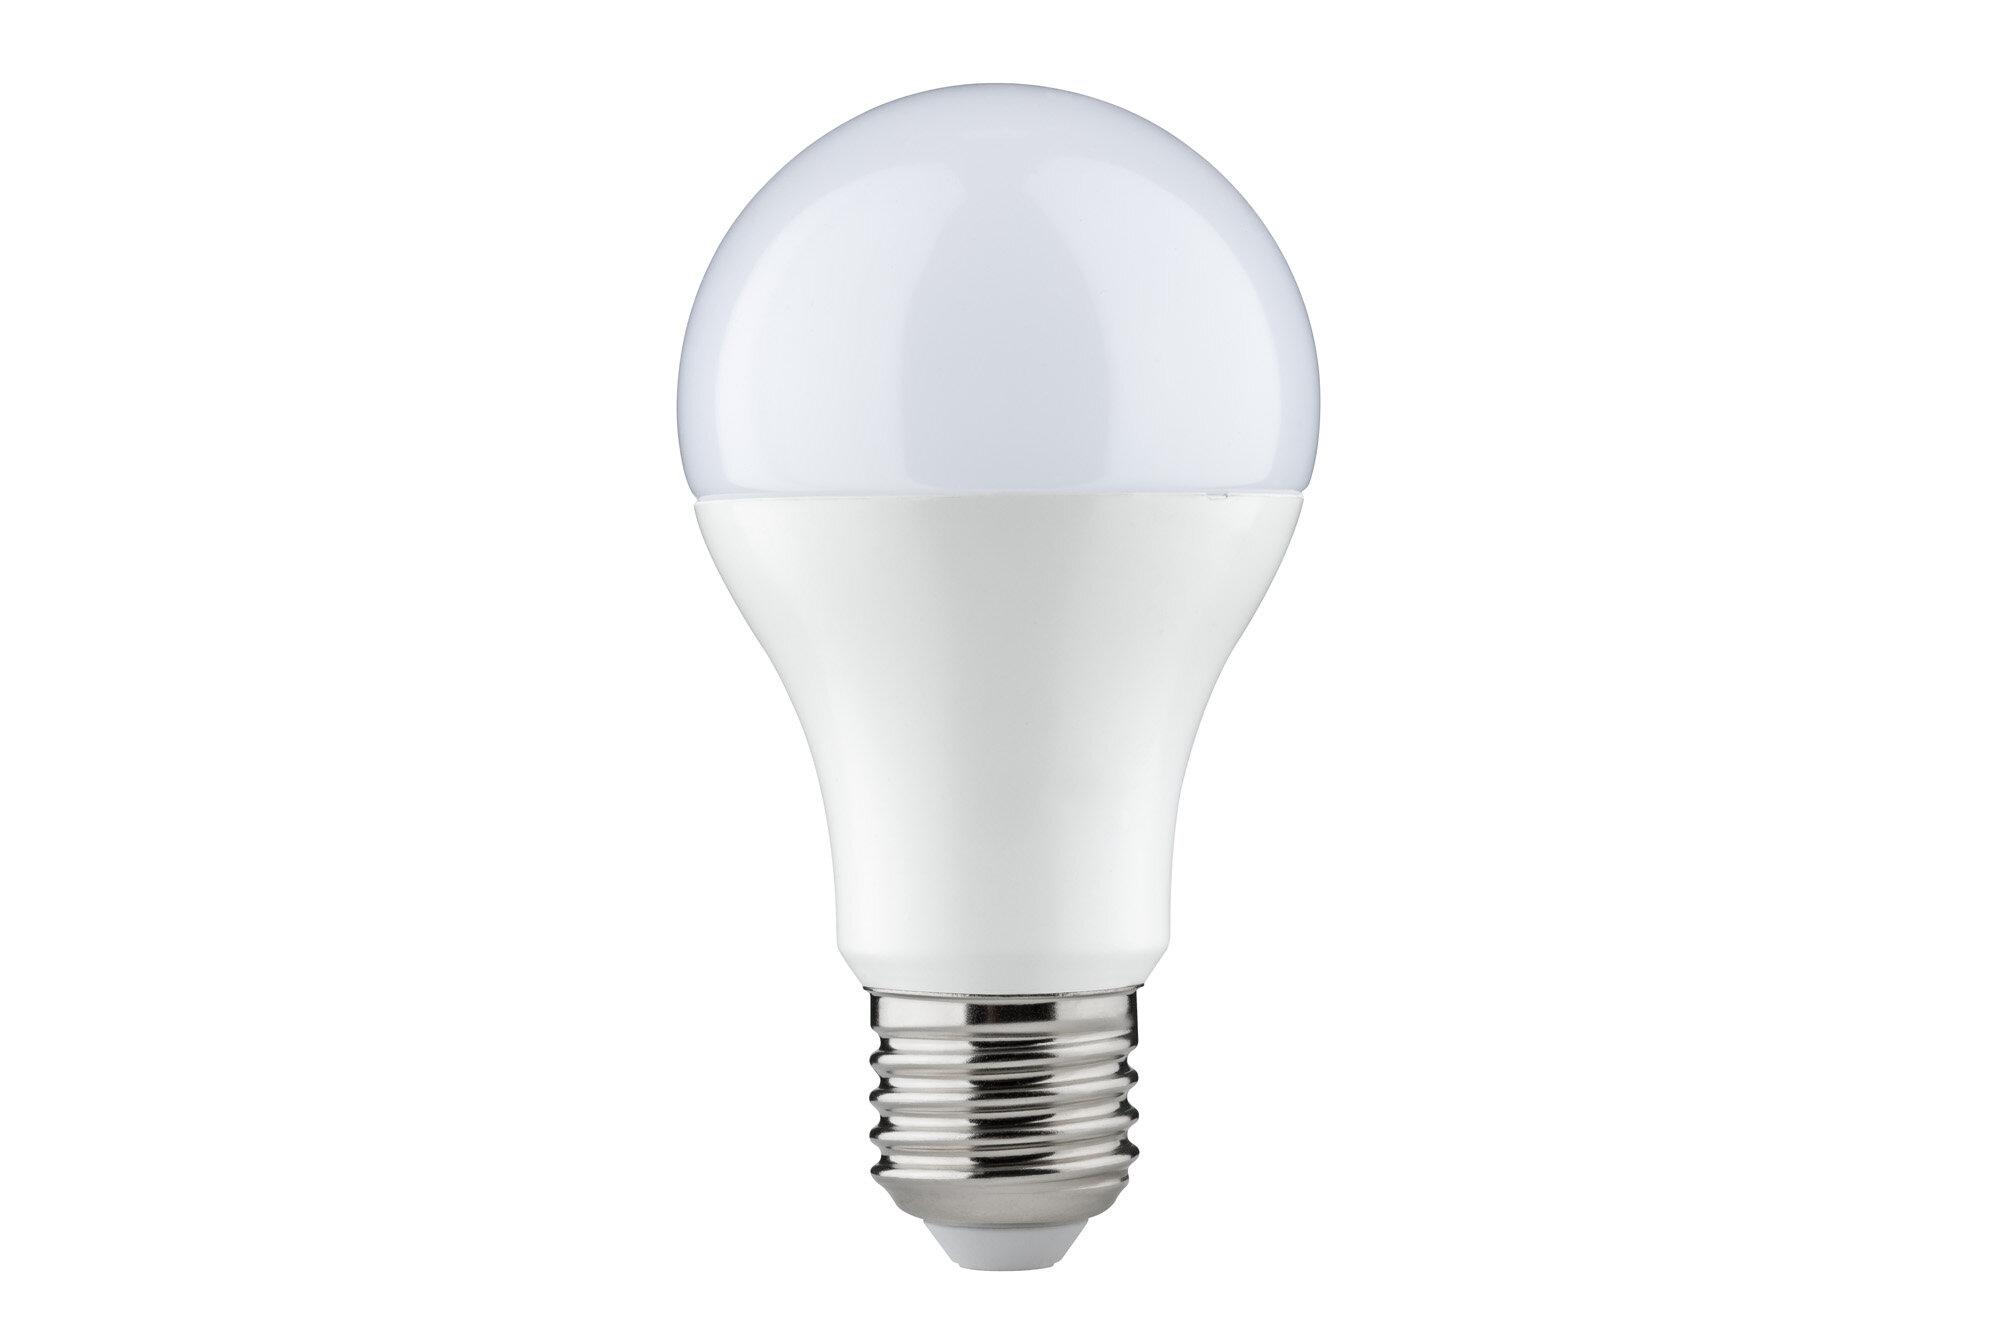 Лампа Paulmann E27 9Вт фото 1